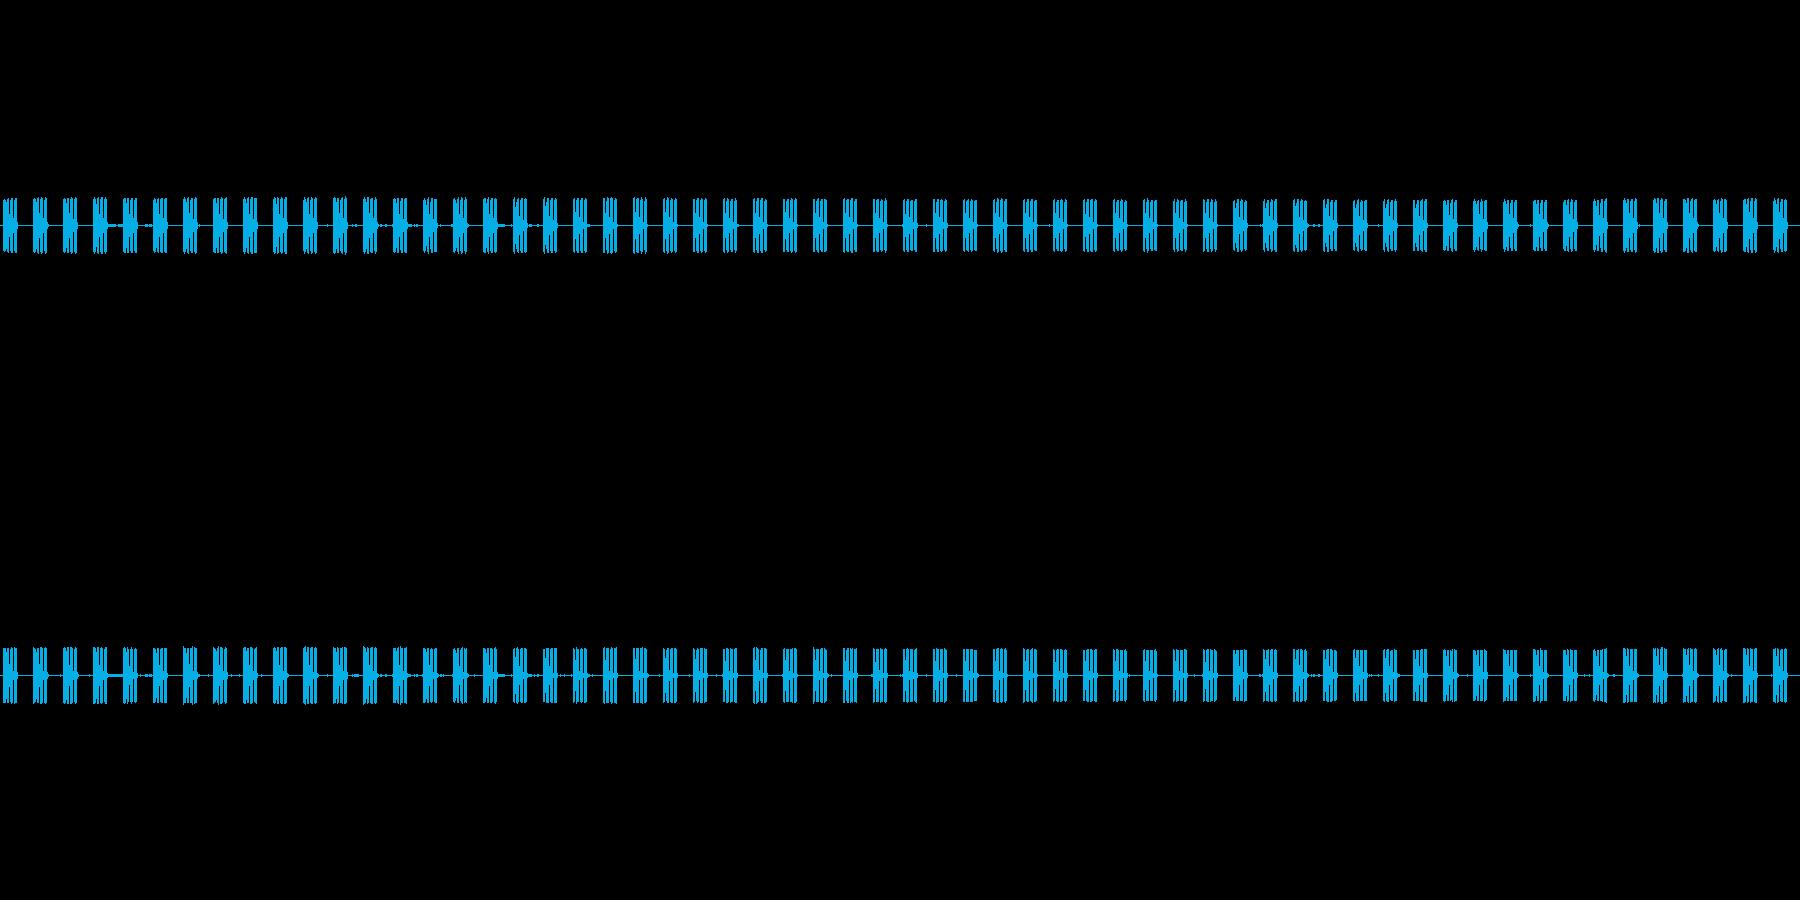 タイマーの目覚まし時計のビープ音(...の再生済みの波形